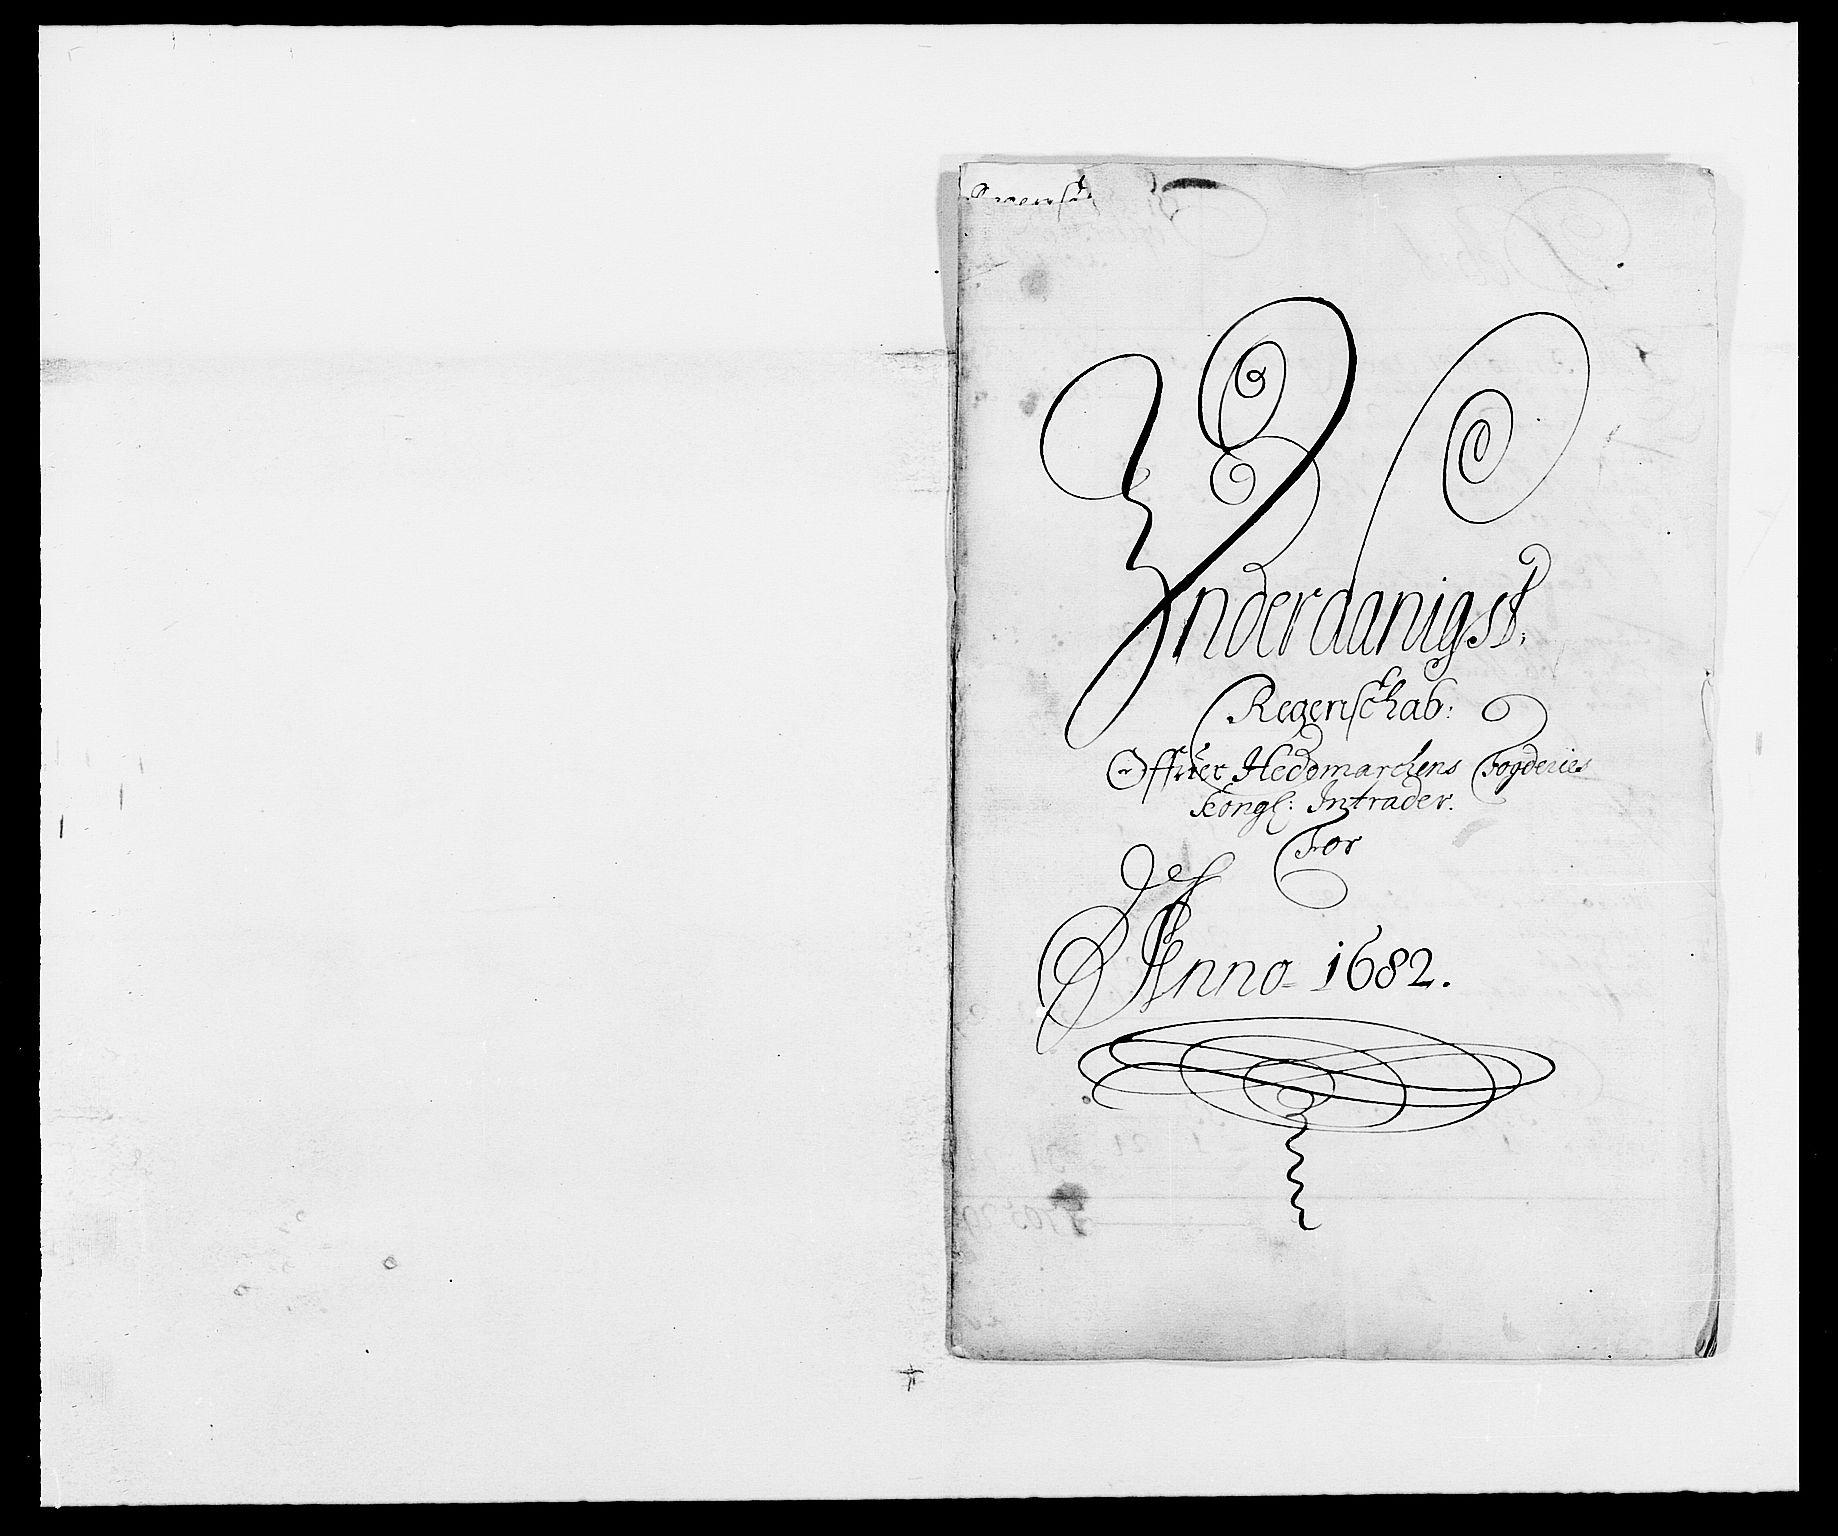 RA, Rentekammeret inntil 1814, Reviderte regnskaper, Fogderegnskap, R16/L1022: Fogderegnskap Hedmark, 1682, s. 1